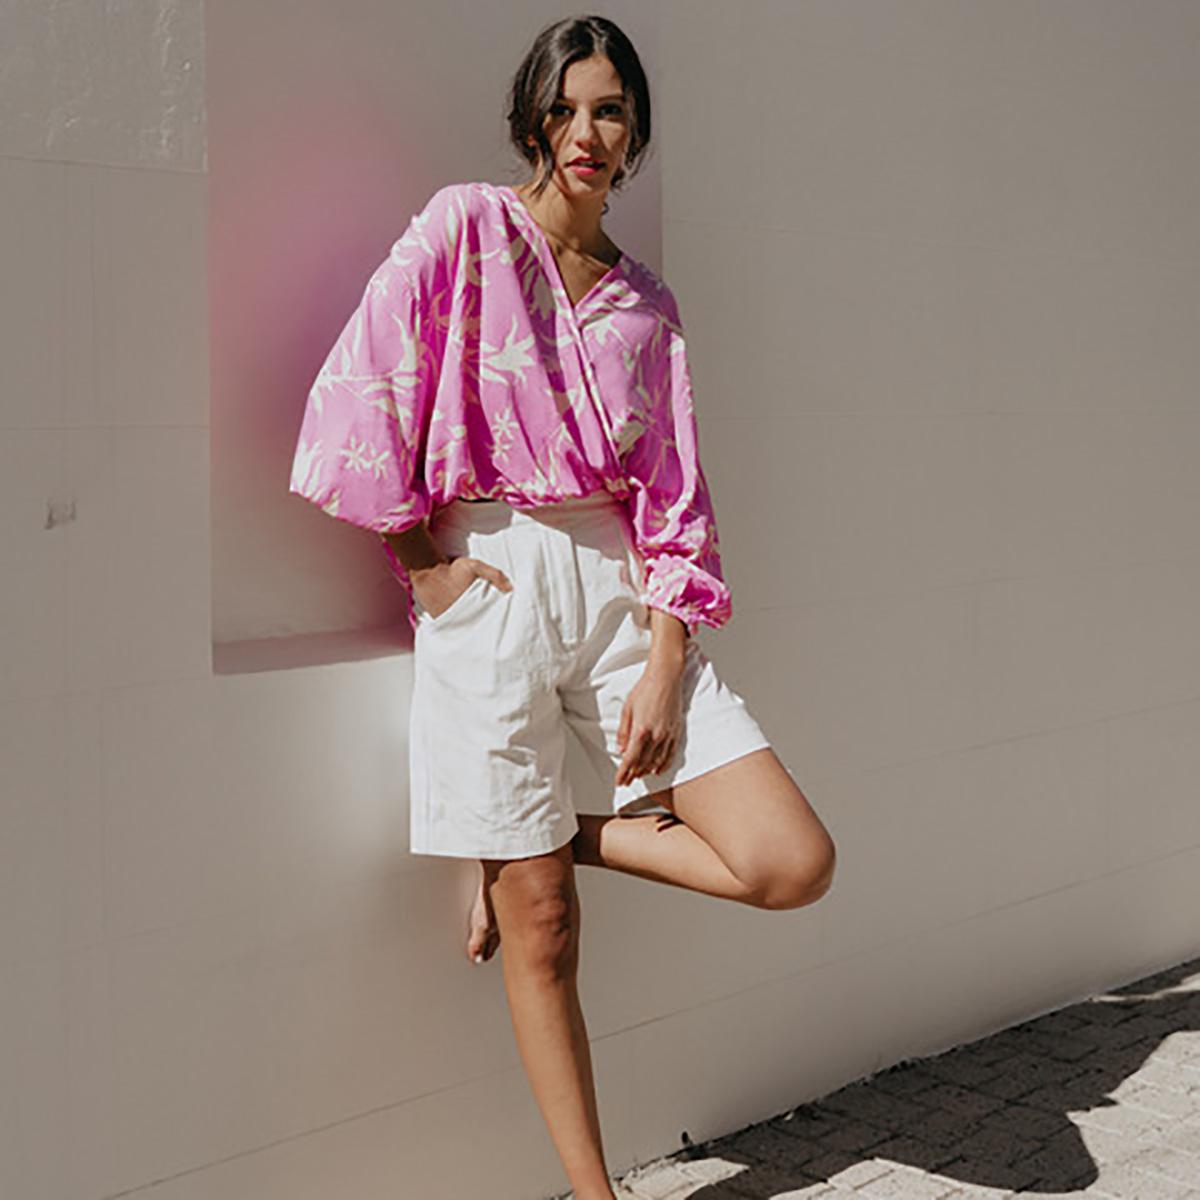 White Closet Clothing | Fashion Estb #whitecloset #womensclothing #fashion